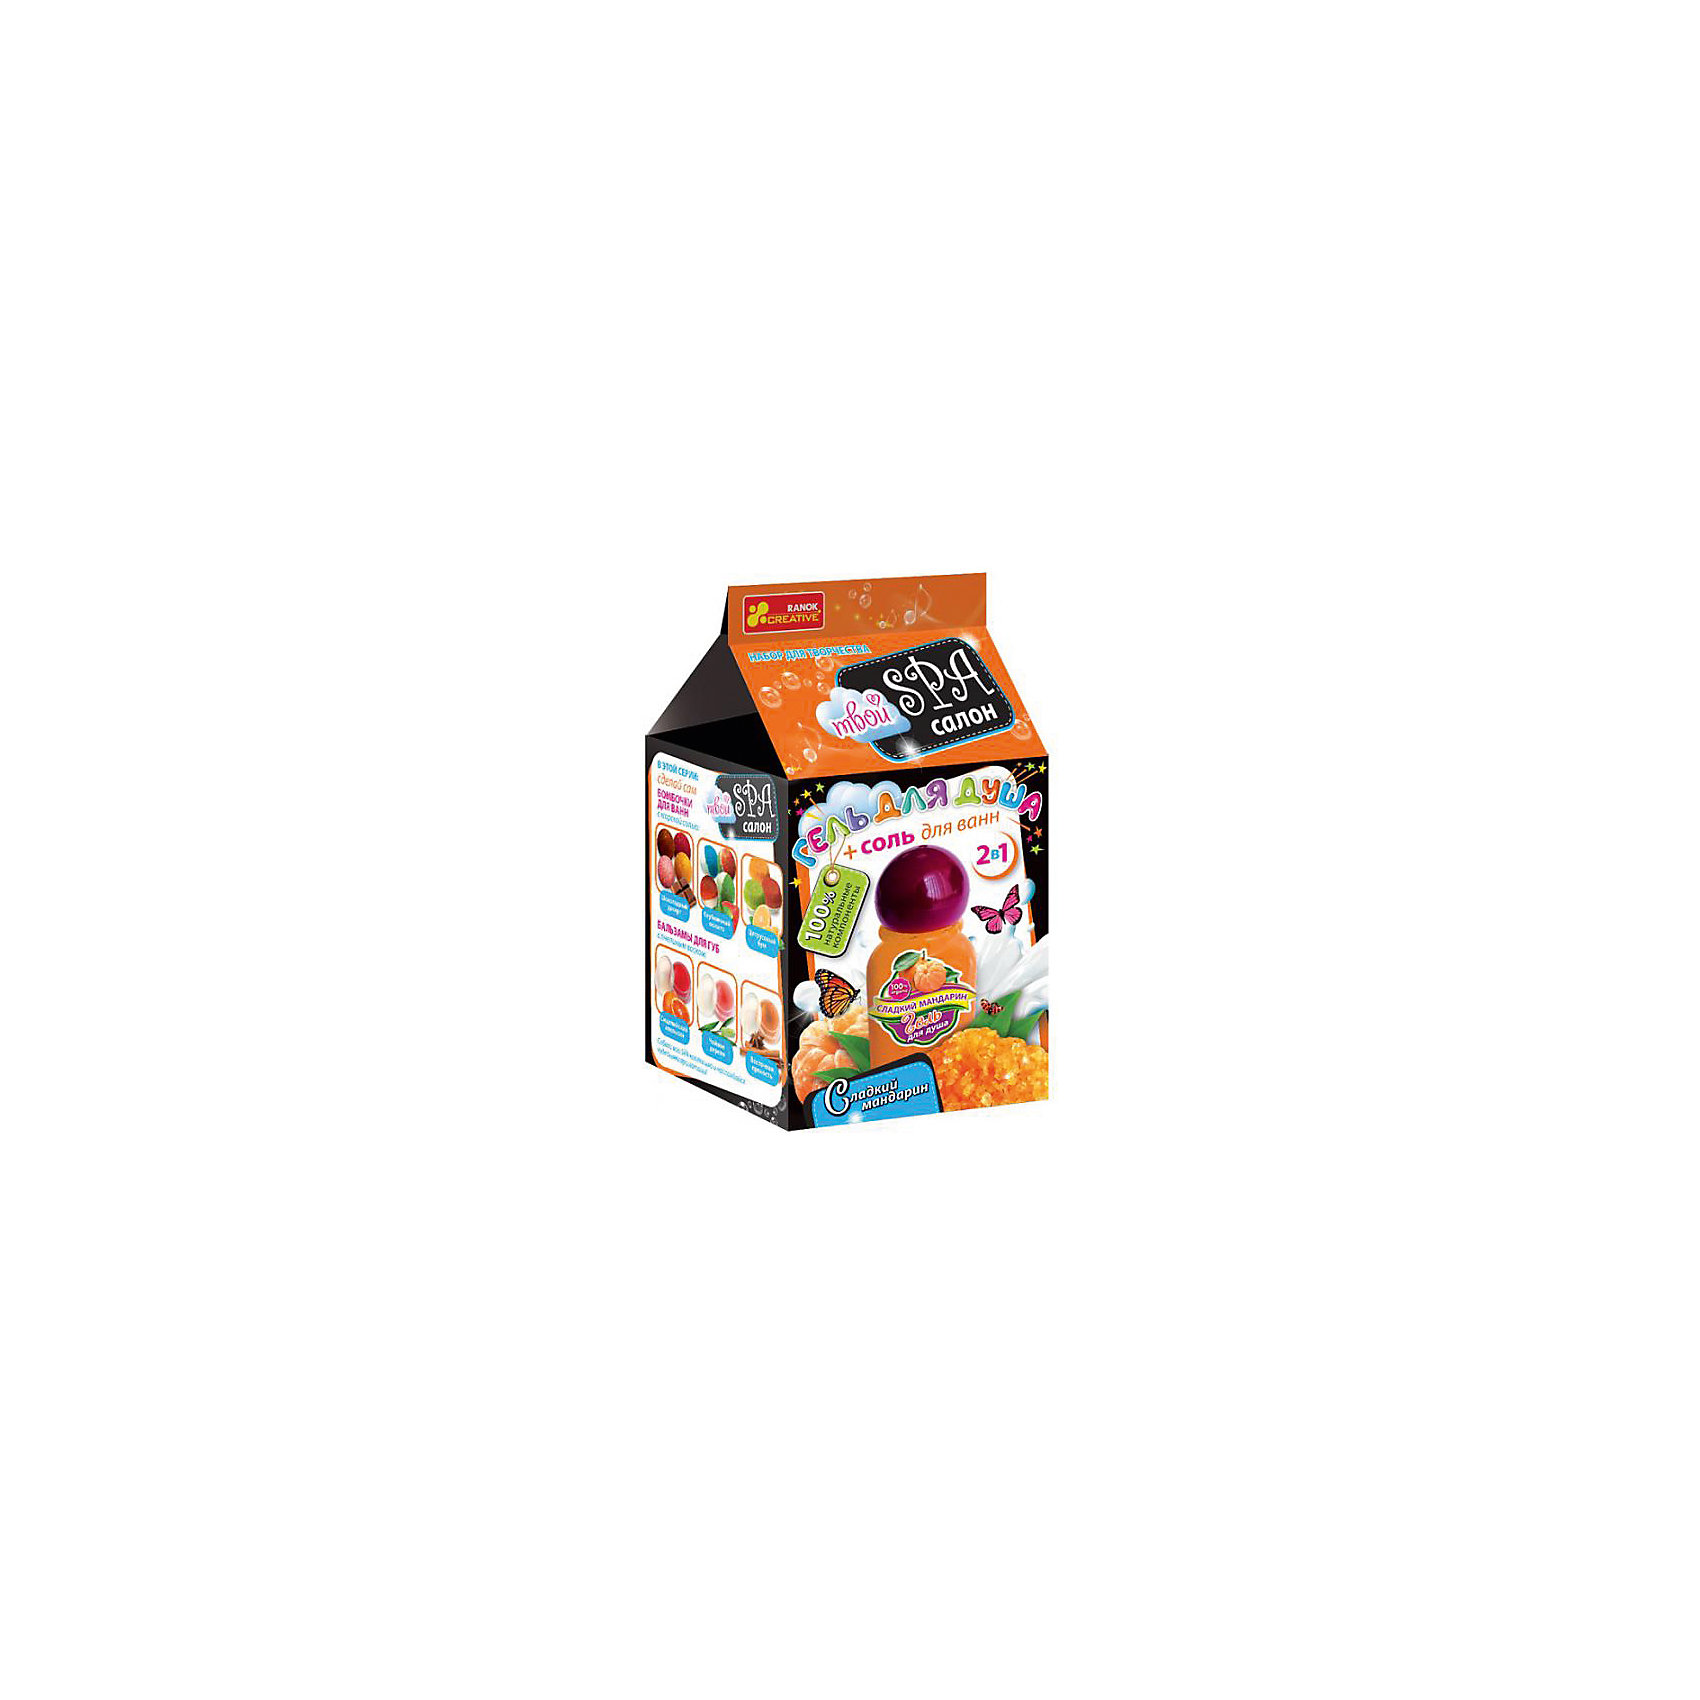 Сладкий мандарин.Гель для душа -наборы для девочекКосметика, грим и парфюмерия<br>Используя составляющие набора Сладкий мандарин, девочки легко смогут приготовить в домашних условиях гель для душа и соль для ванн, обладающие тонизирующими свойствами и приятным ароматом мандарина.<br>В коробке с набором располагаются: бутылочка с основой геля для душа, масло-основа с эфирным маслом мандарина, морская соль, пищевой краситель, пластиковая ложка, стаканчик, наклейки, иллюстрированная инструкция.<br><br>Пошаговая инструкция с фотографиями подскажет начинающим косметологам в случае затруднения.<br><br>Перед началом работы следует ознакомиться с техникой безопасности.<br><br>Ширина мм: 115<br>Глубина мм: 115<br>Высота мм: 200<br>Вес г: 175<br>Возраст от месяцев: 84<br>Возраст до месяцев: 2147483647<br>Пол: Женский<br>Возраст: Детский<br>SKU: 5392756